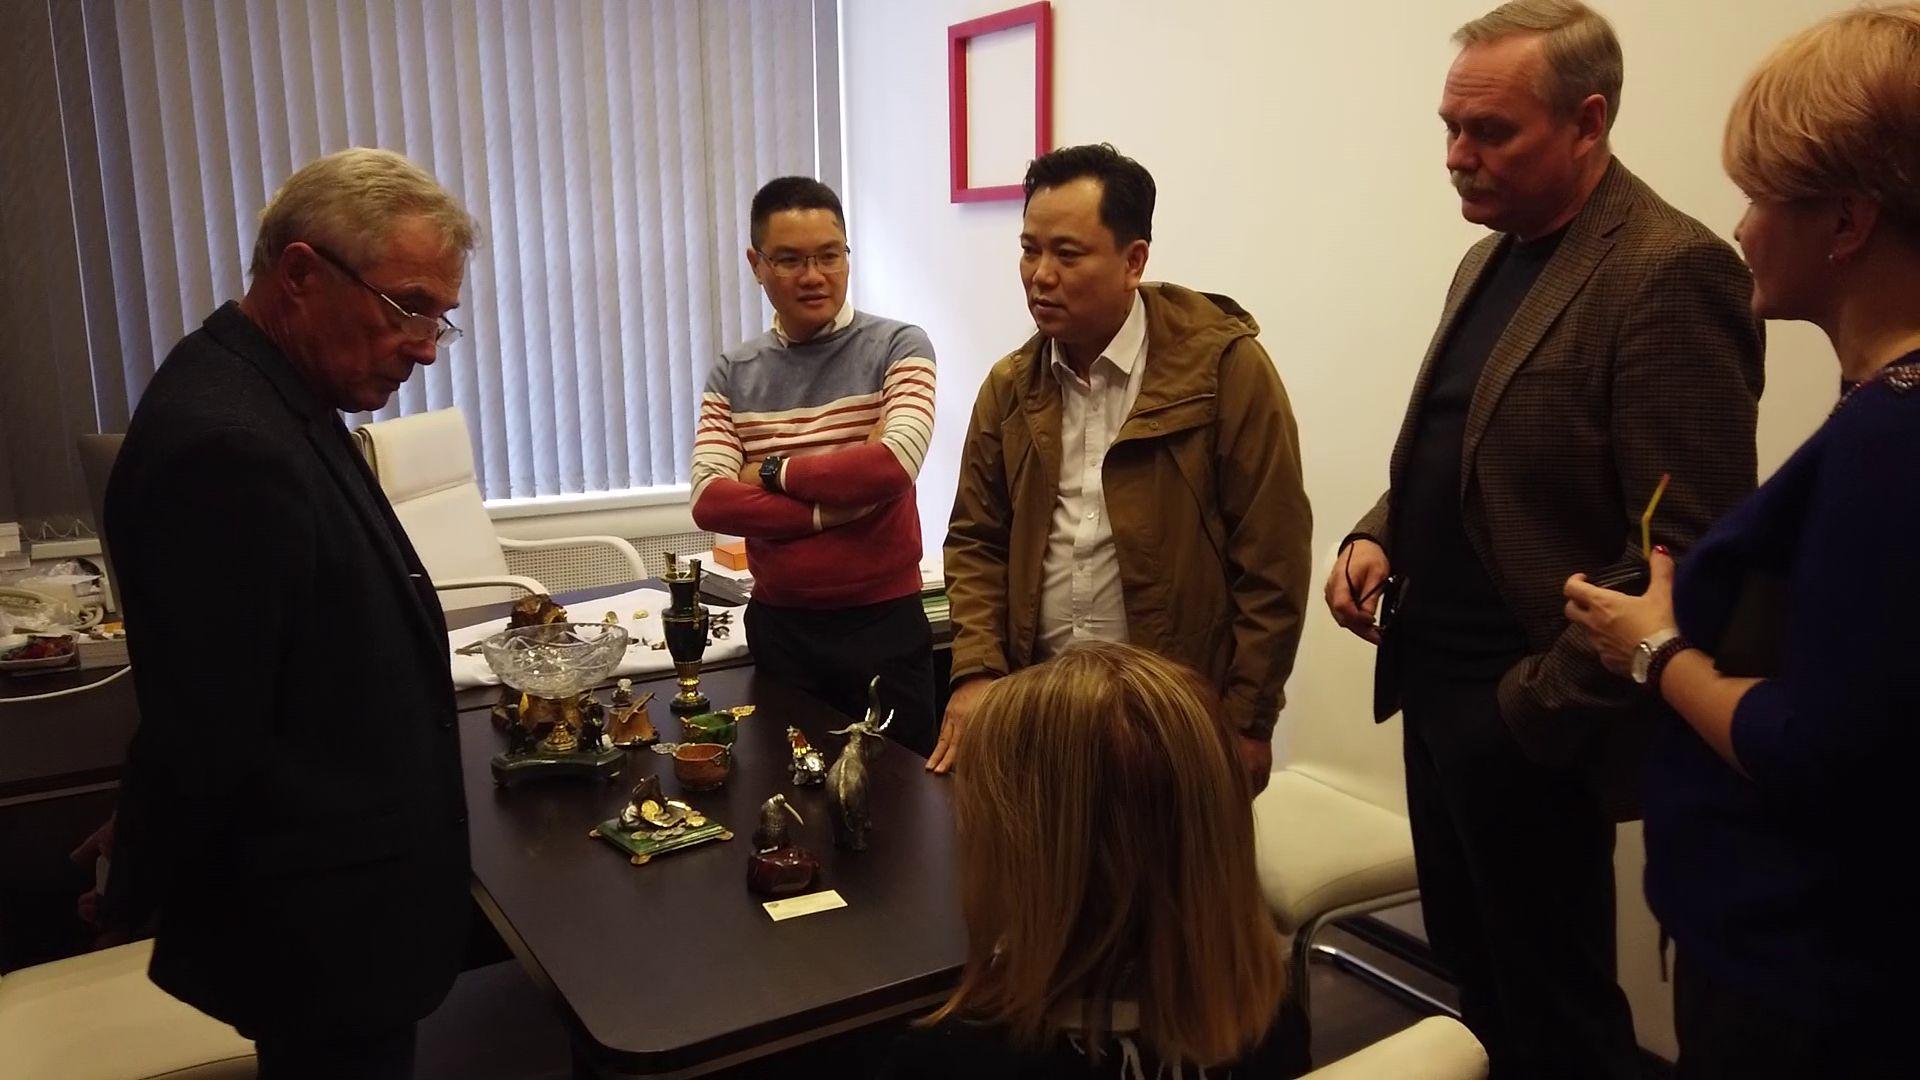 Ярославской продукцией заинтересовалась делегация из Вьетнама